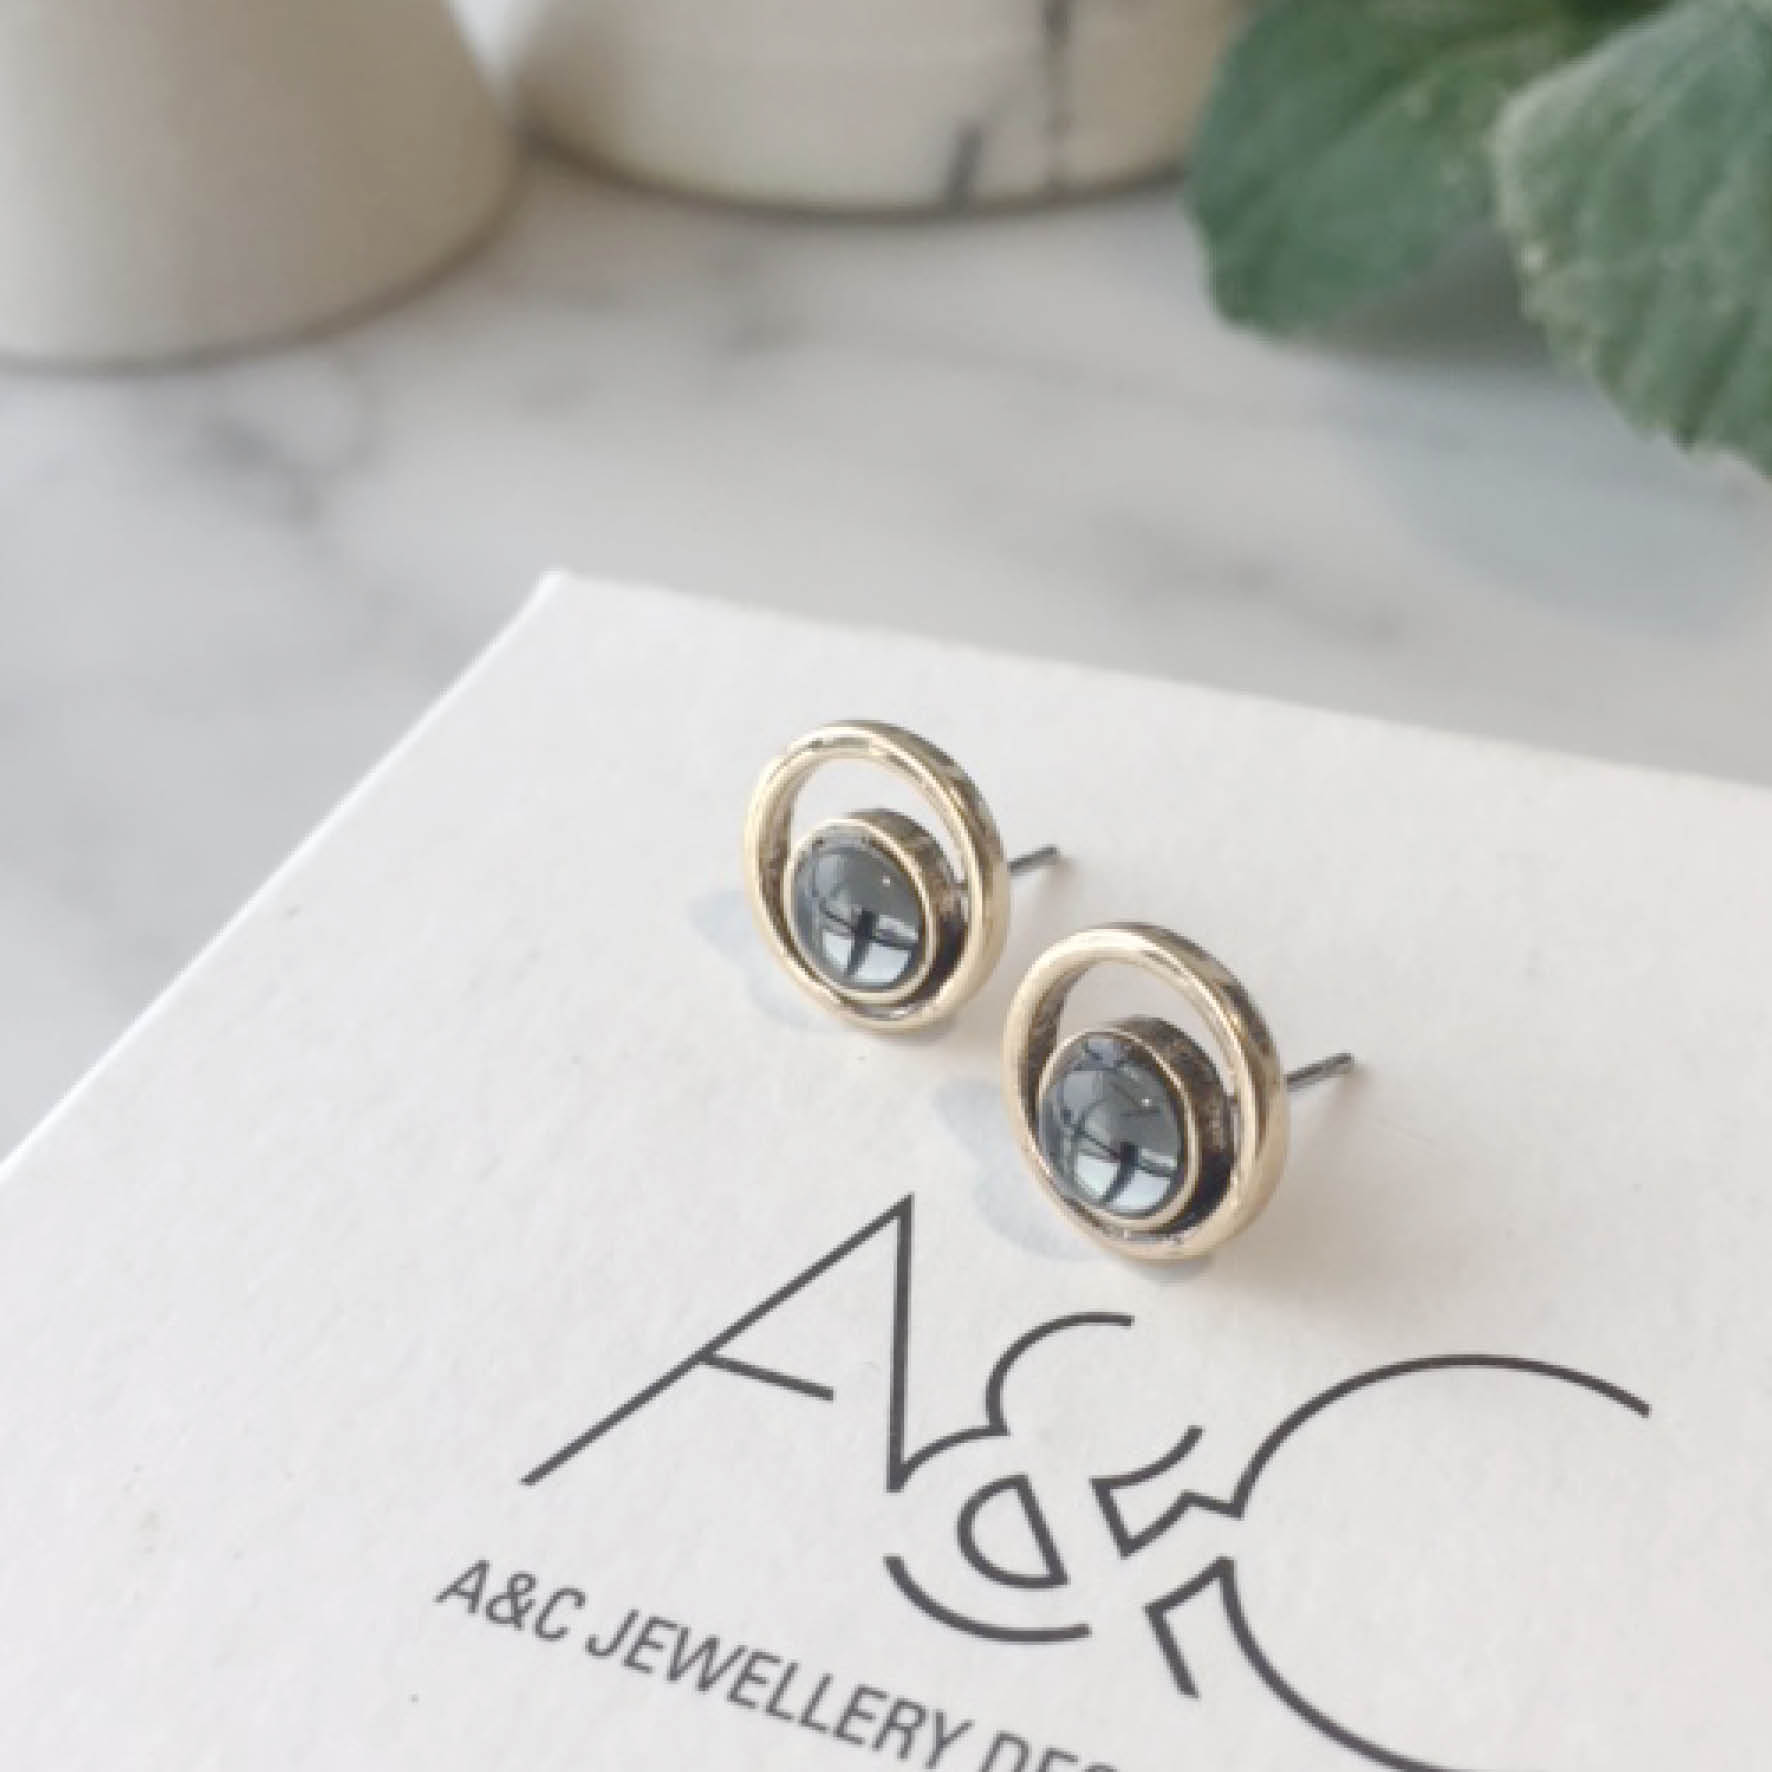 A&C - 2018